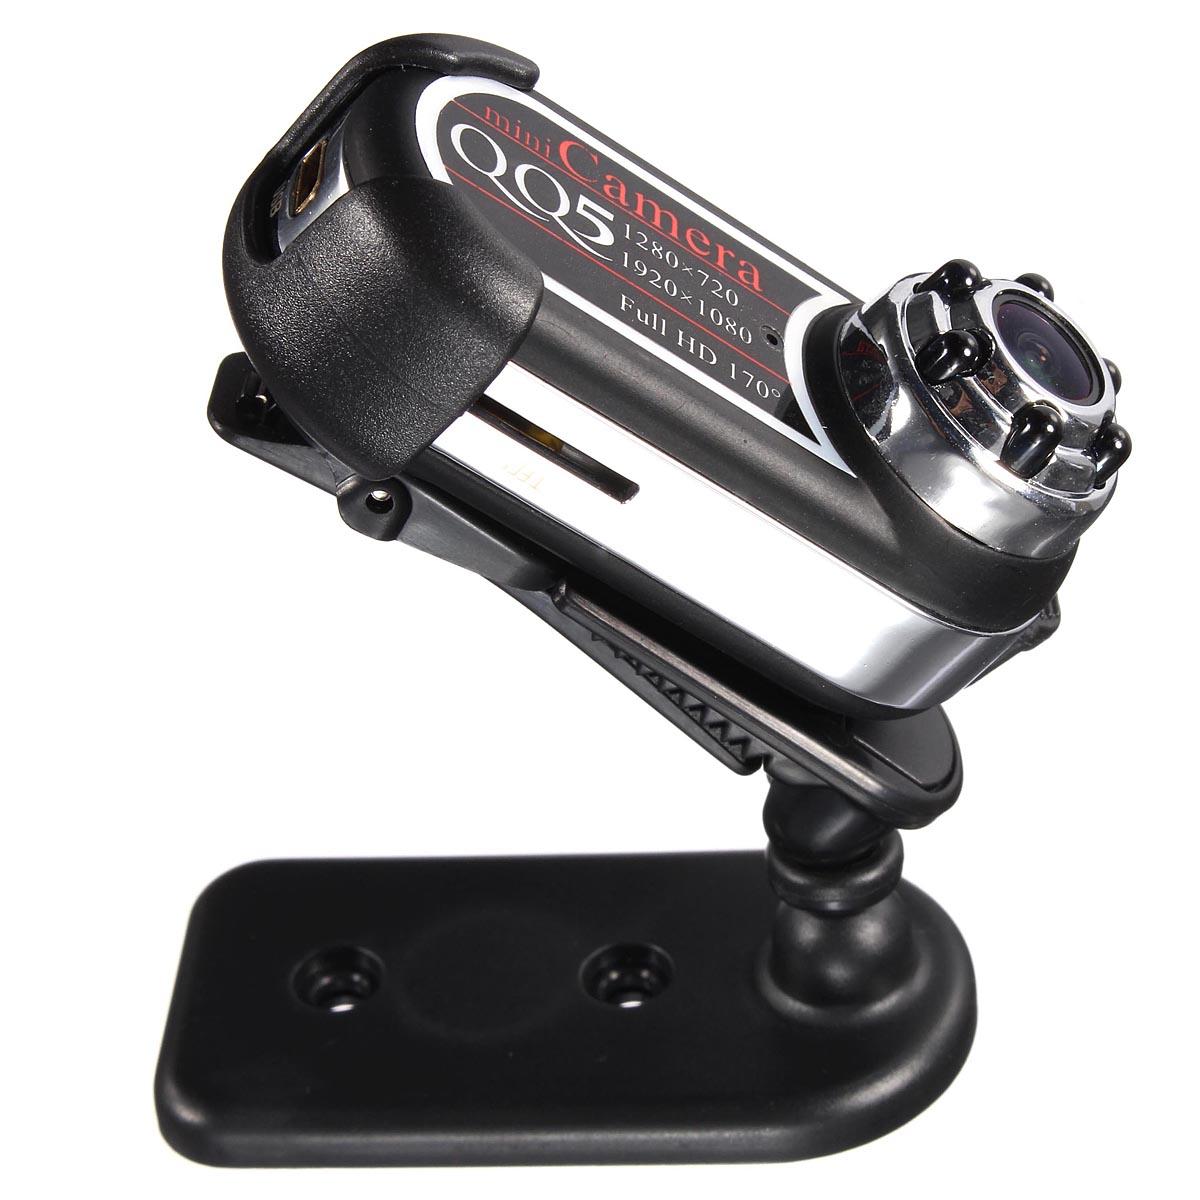 action camera hd 1080p user manual